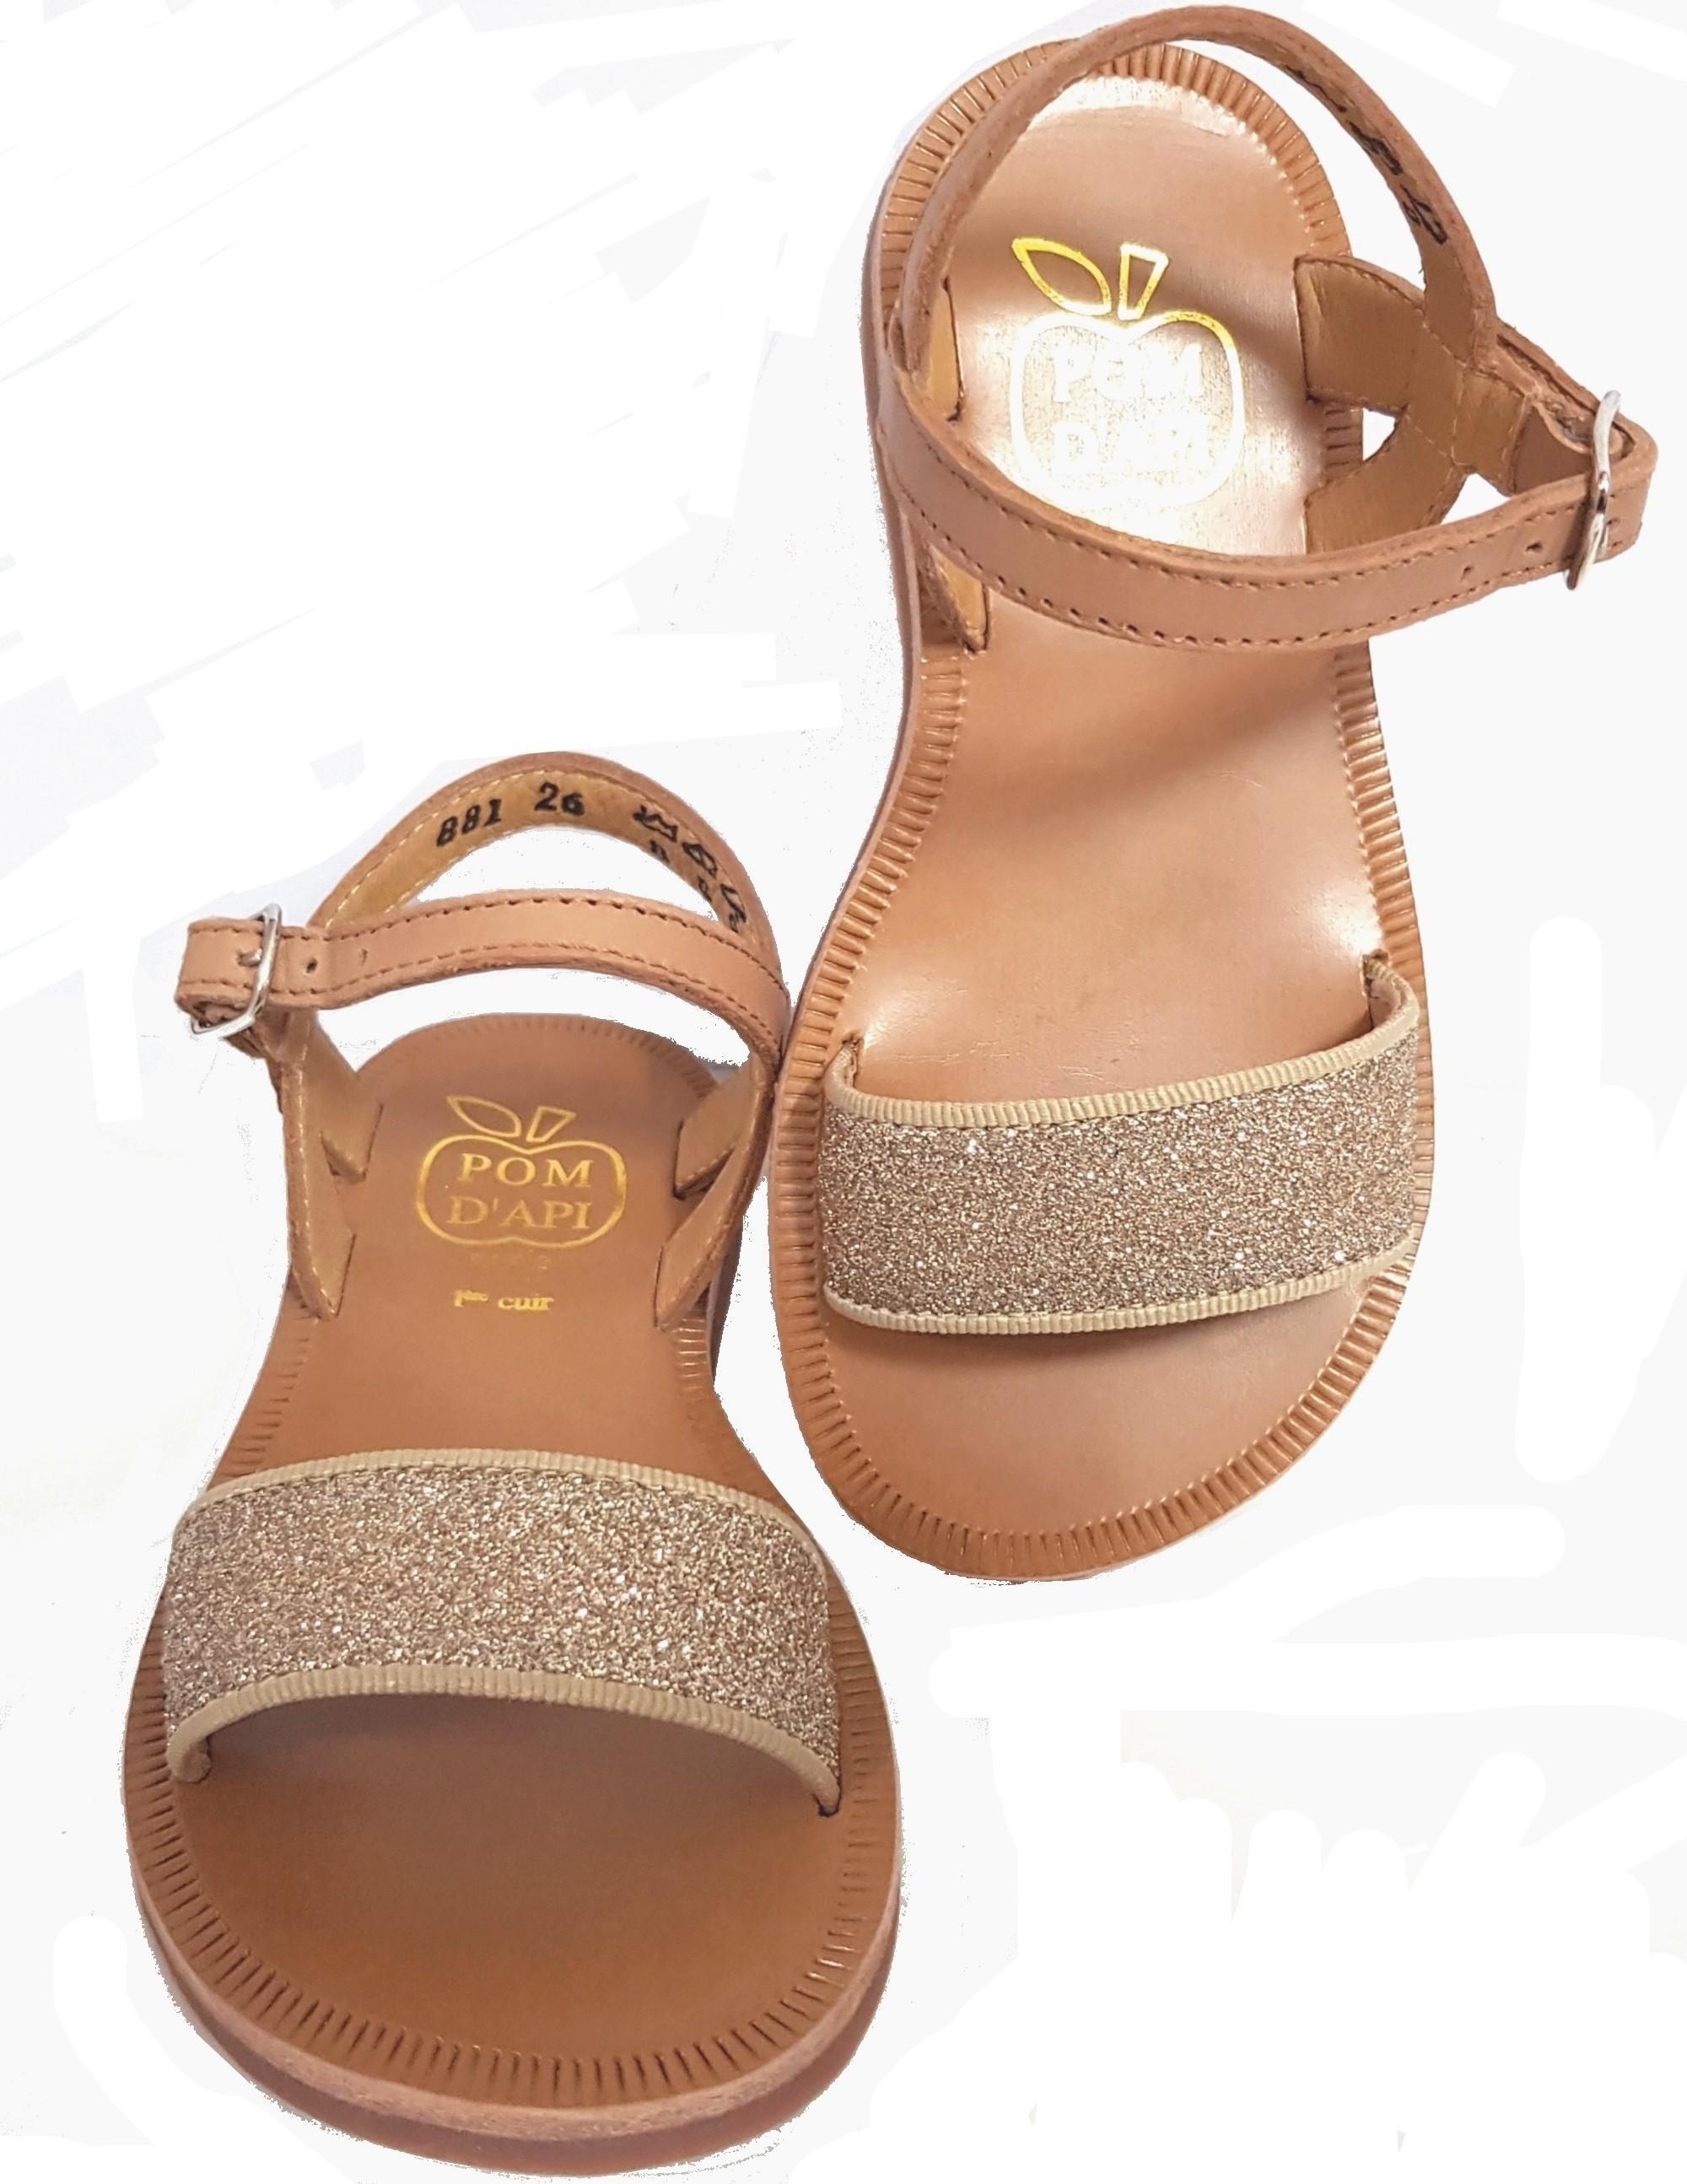 Sandale en cuir camel dotée d'une large sangle glitter or et fermée par 1 bride à boucle, Plagette Bucle Tao by Pom d'Api